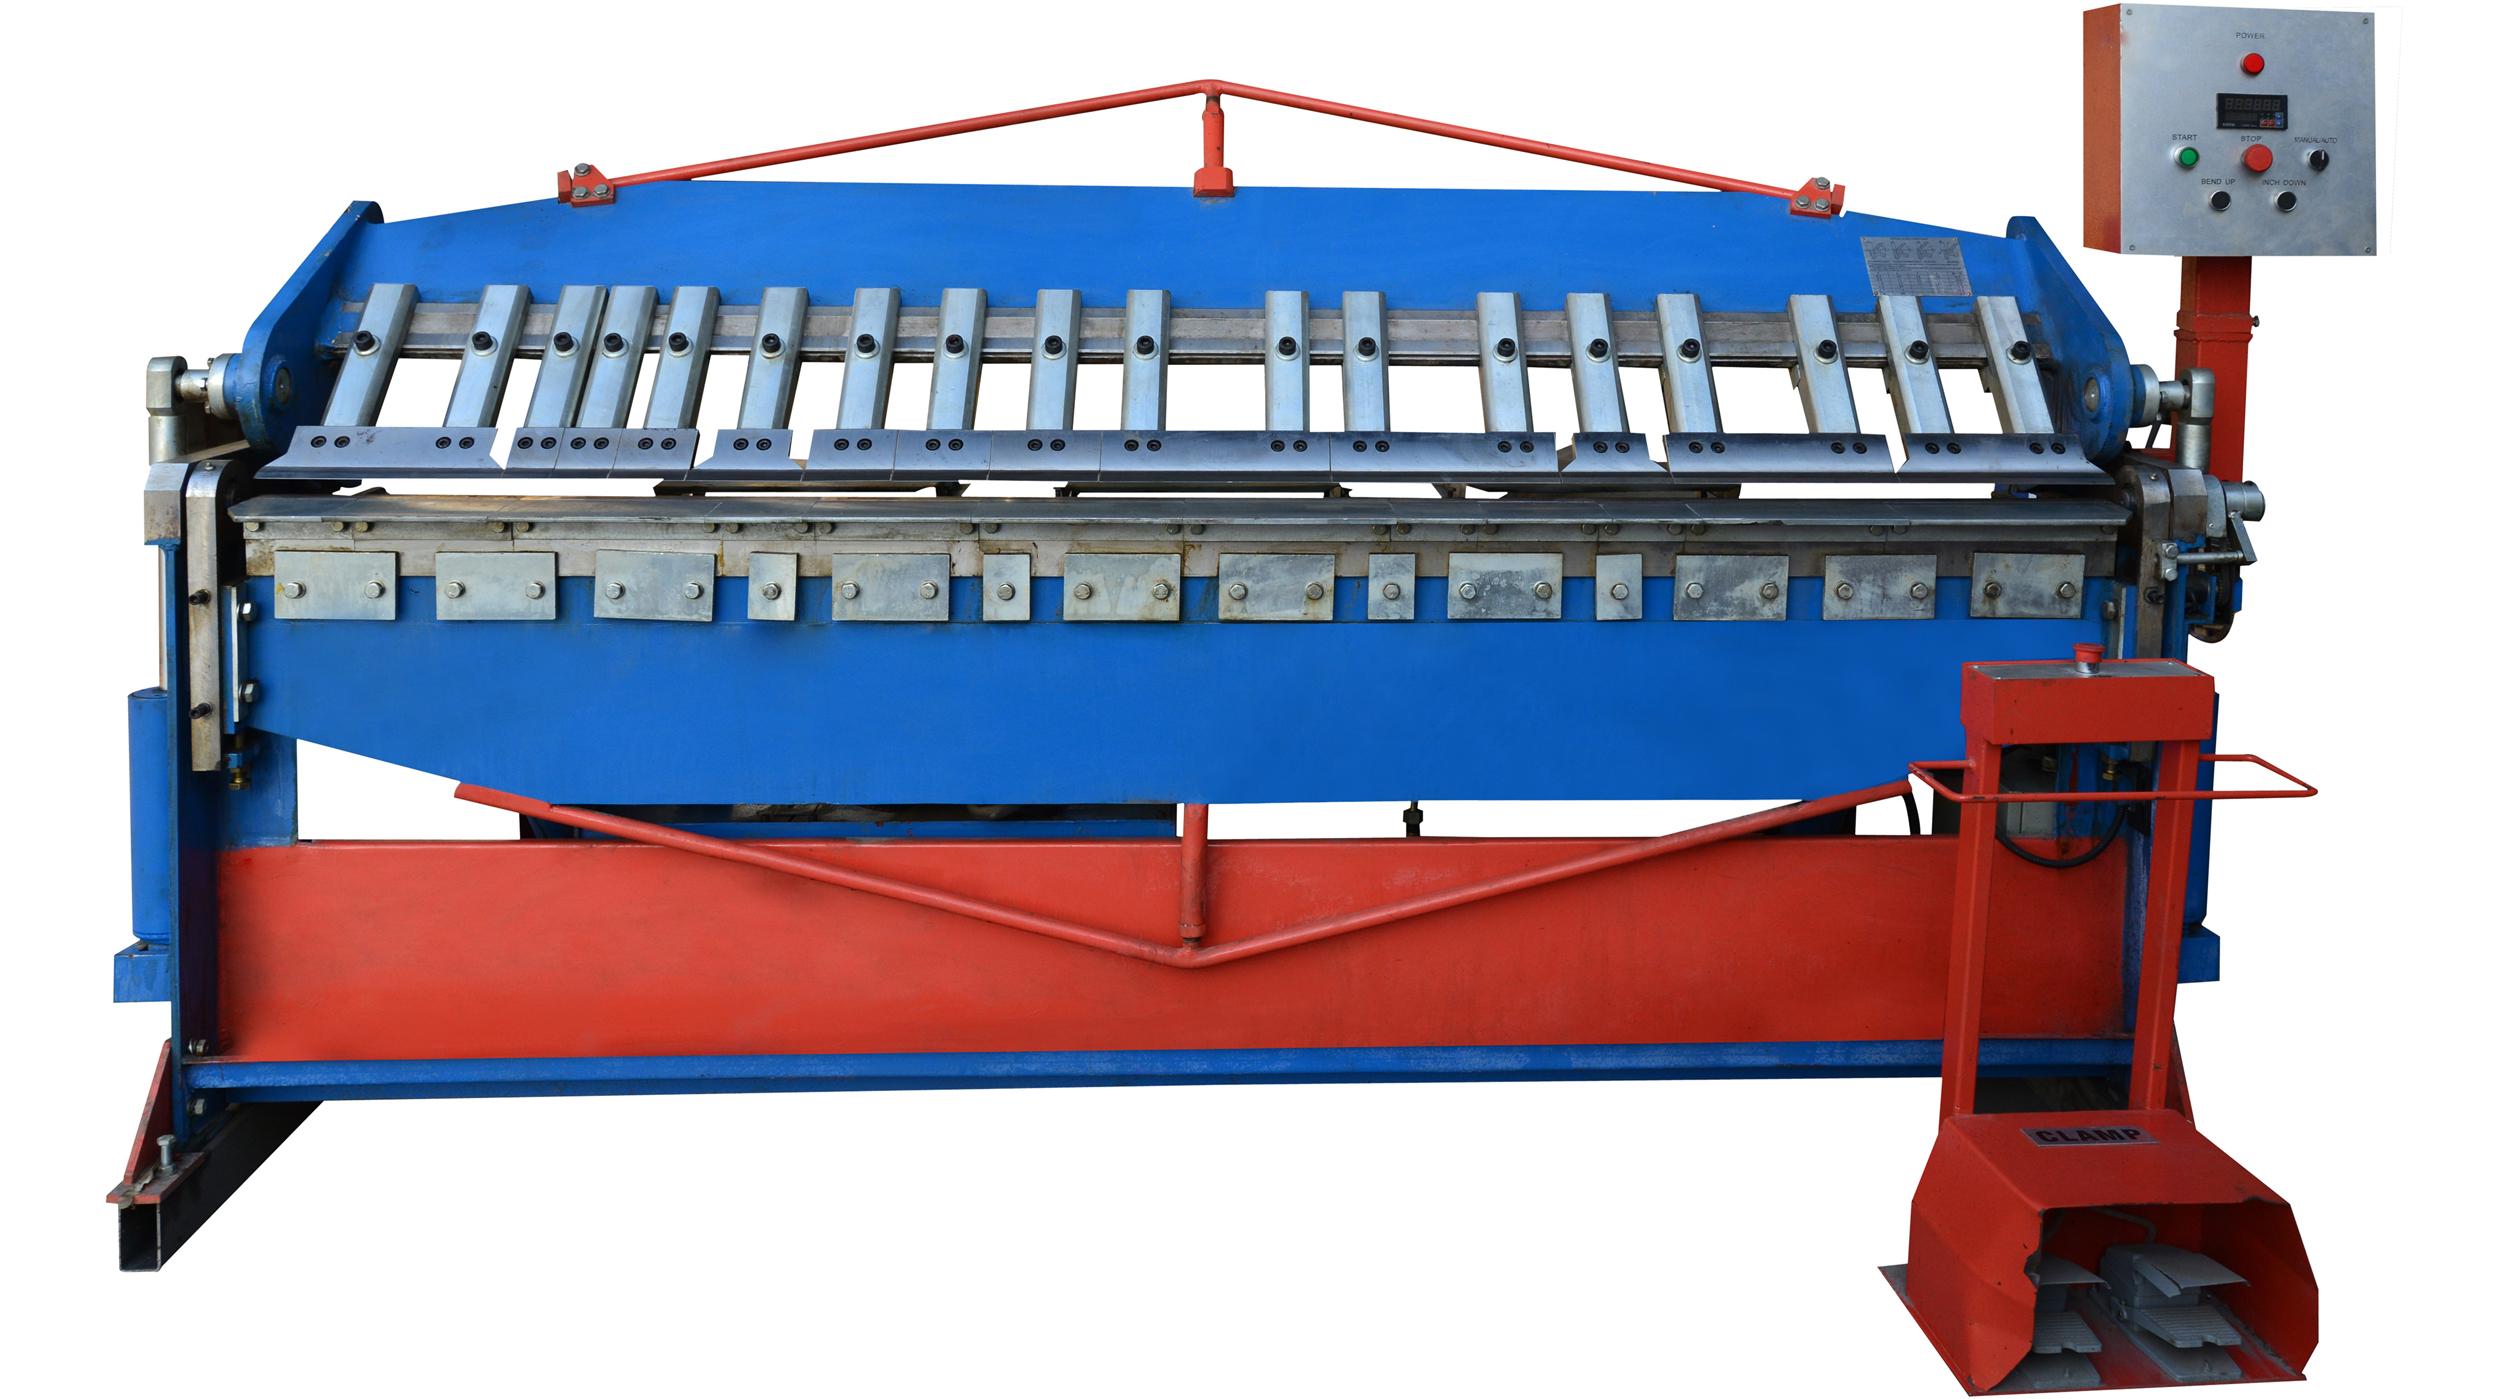 供应科瑞嘉全自动液压折边机 风管生产线 共板法兰机 等离子切割机厂家